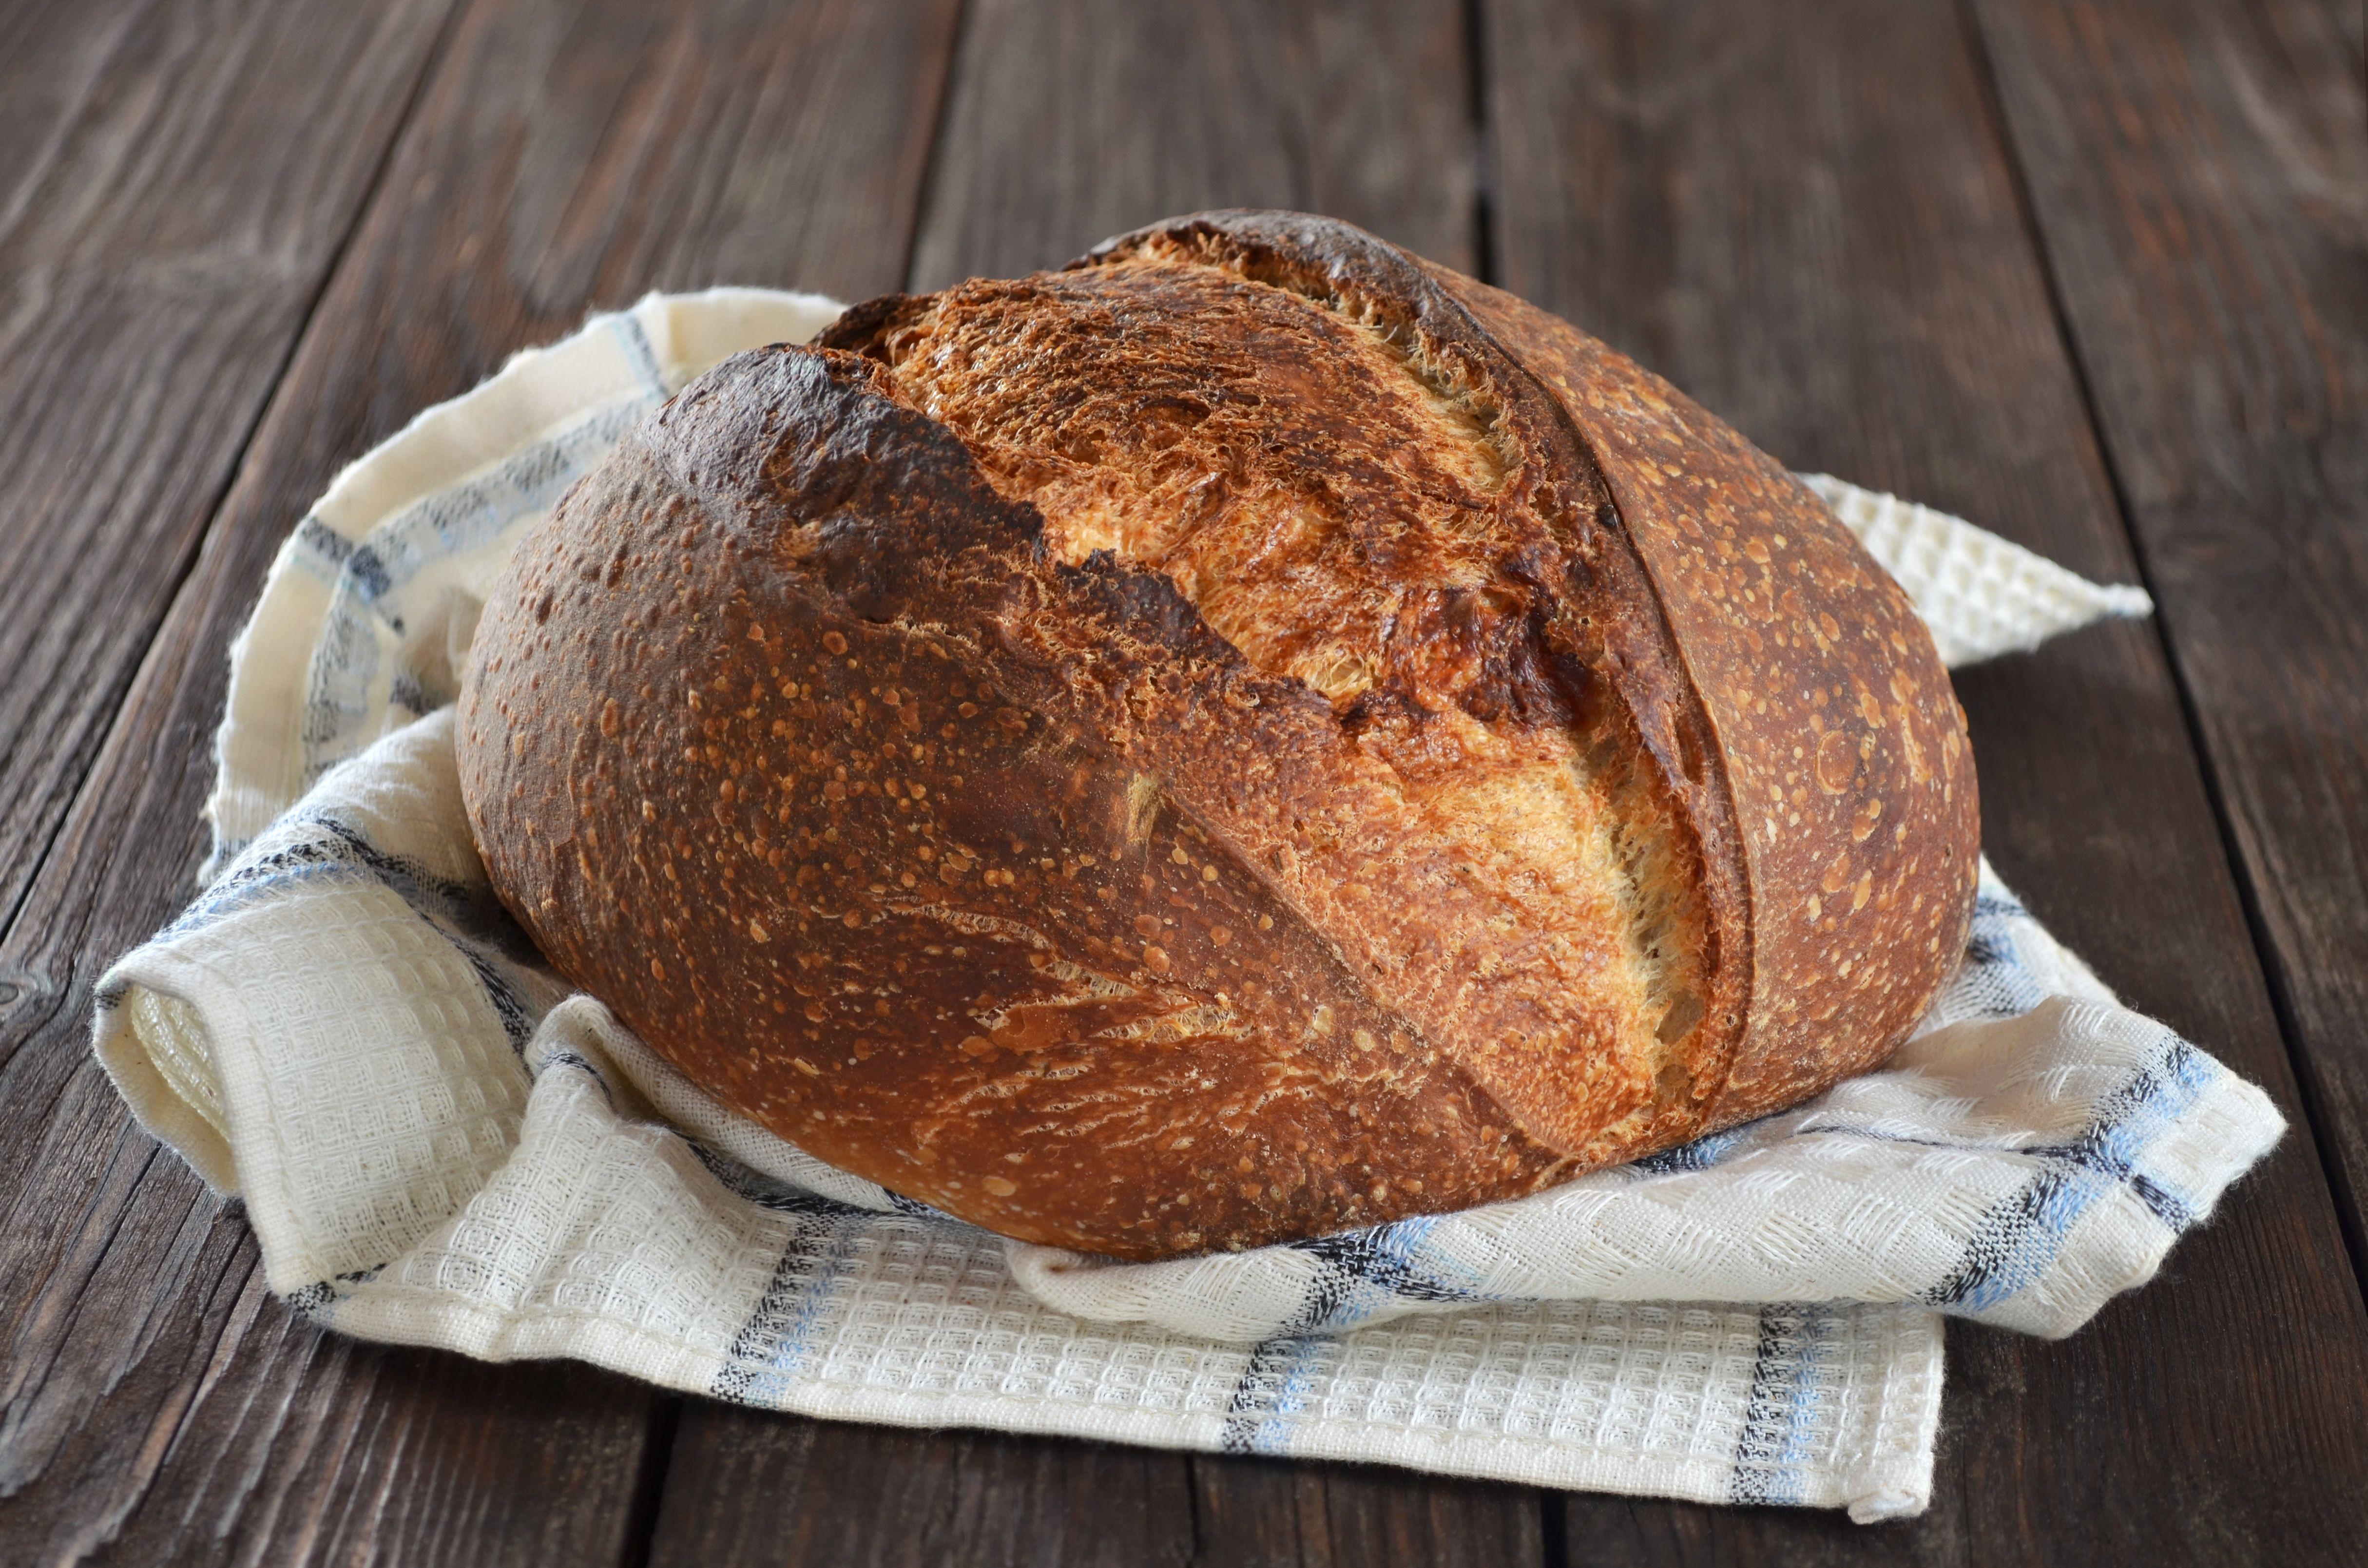 一块白格子毛巾上的未切的酸面包。